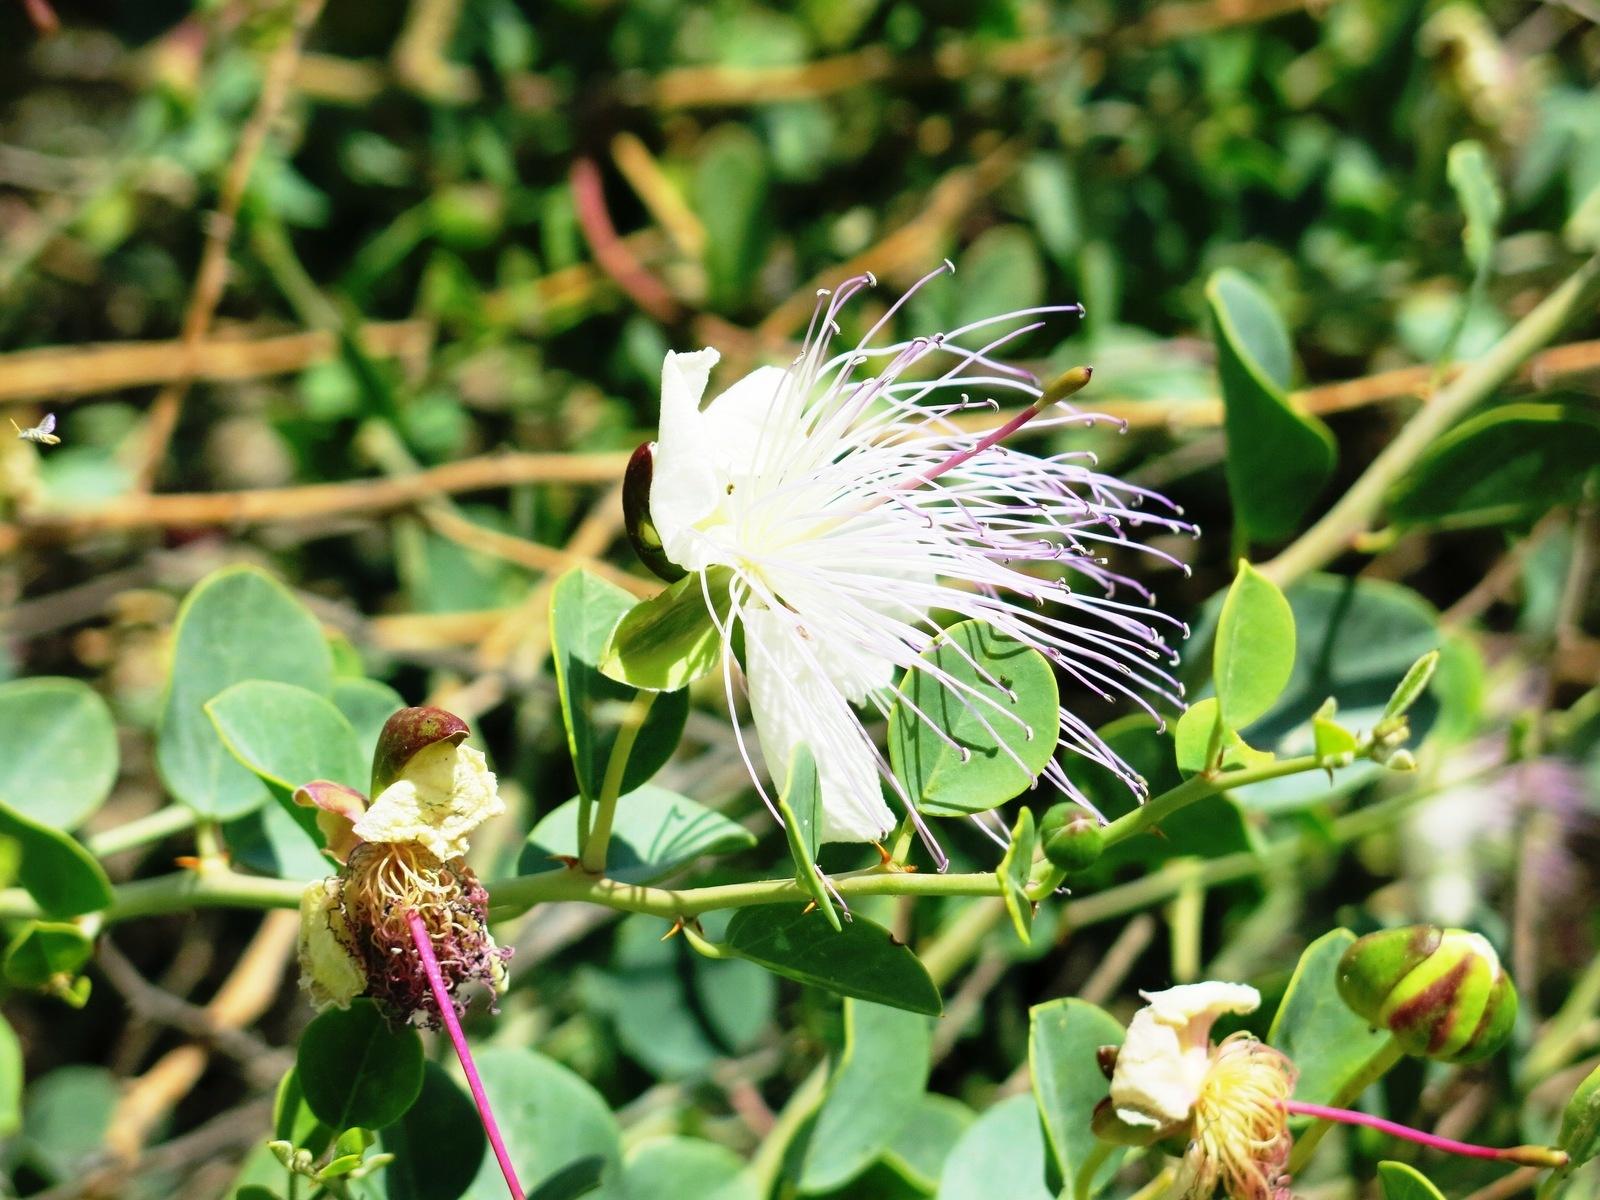 Terre sainte en Israël #3 – Faune et flore